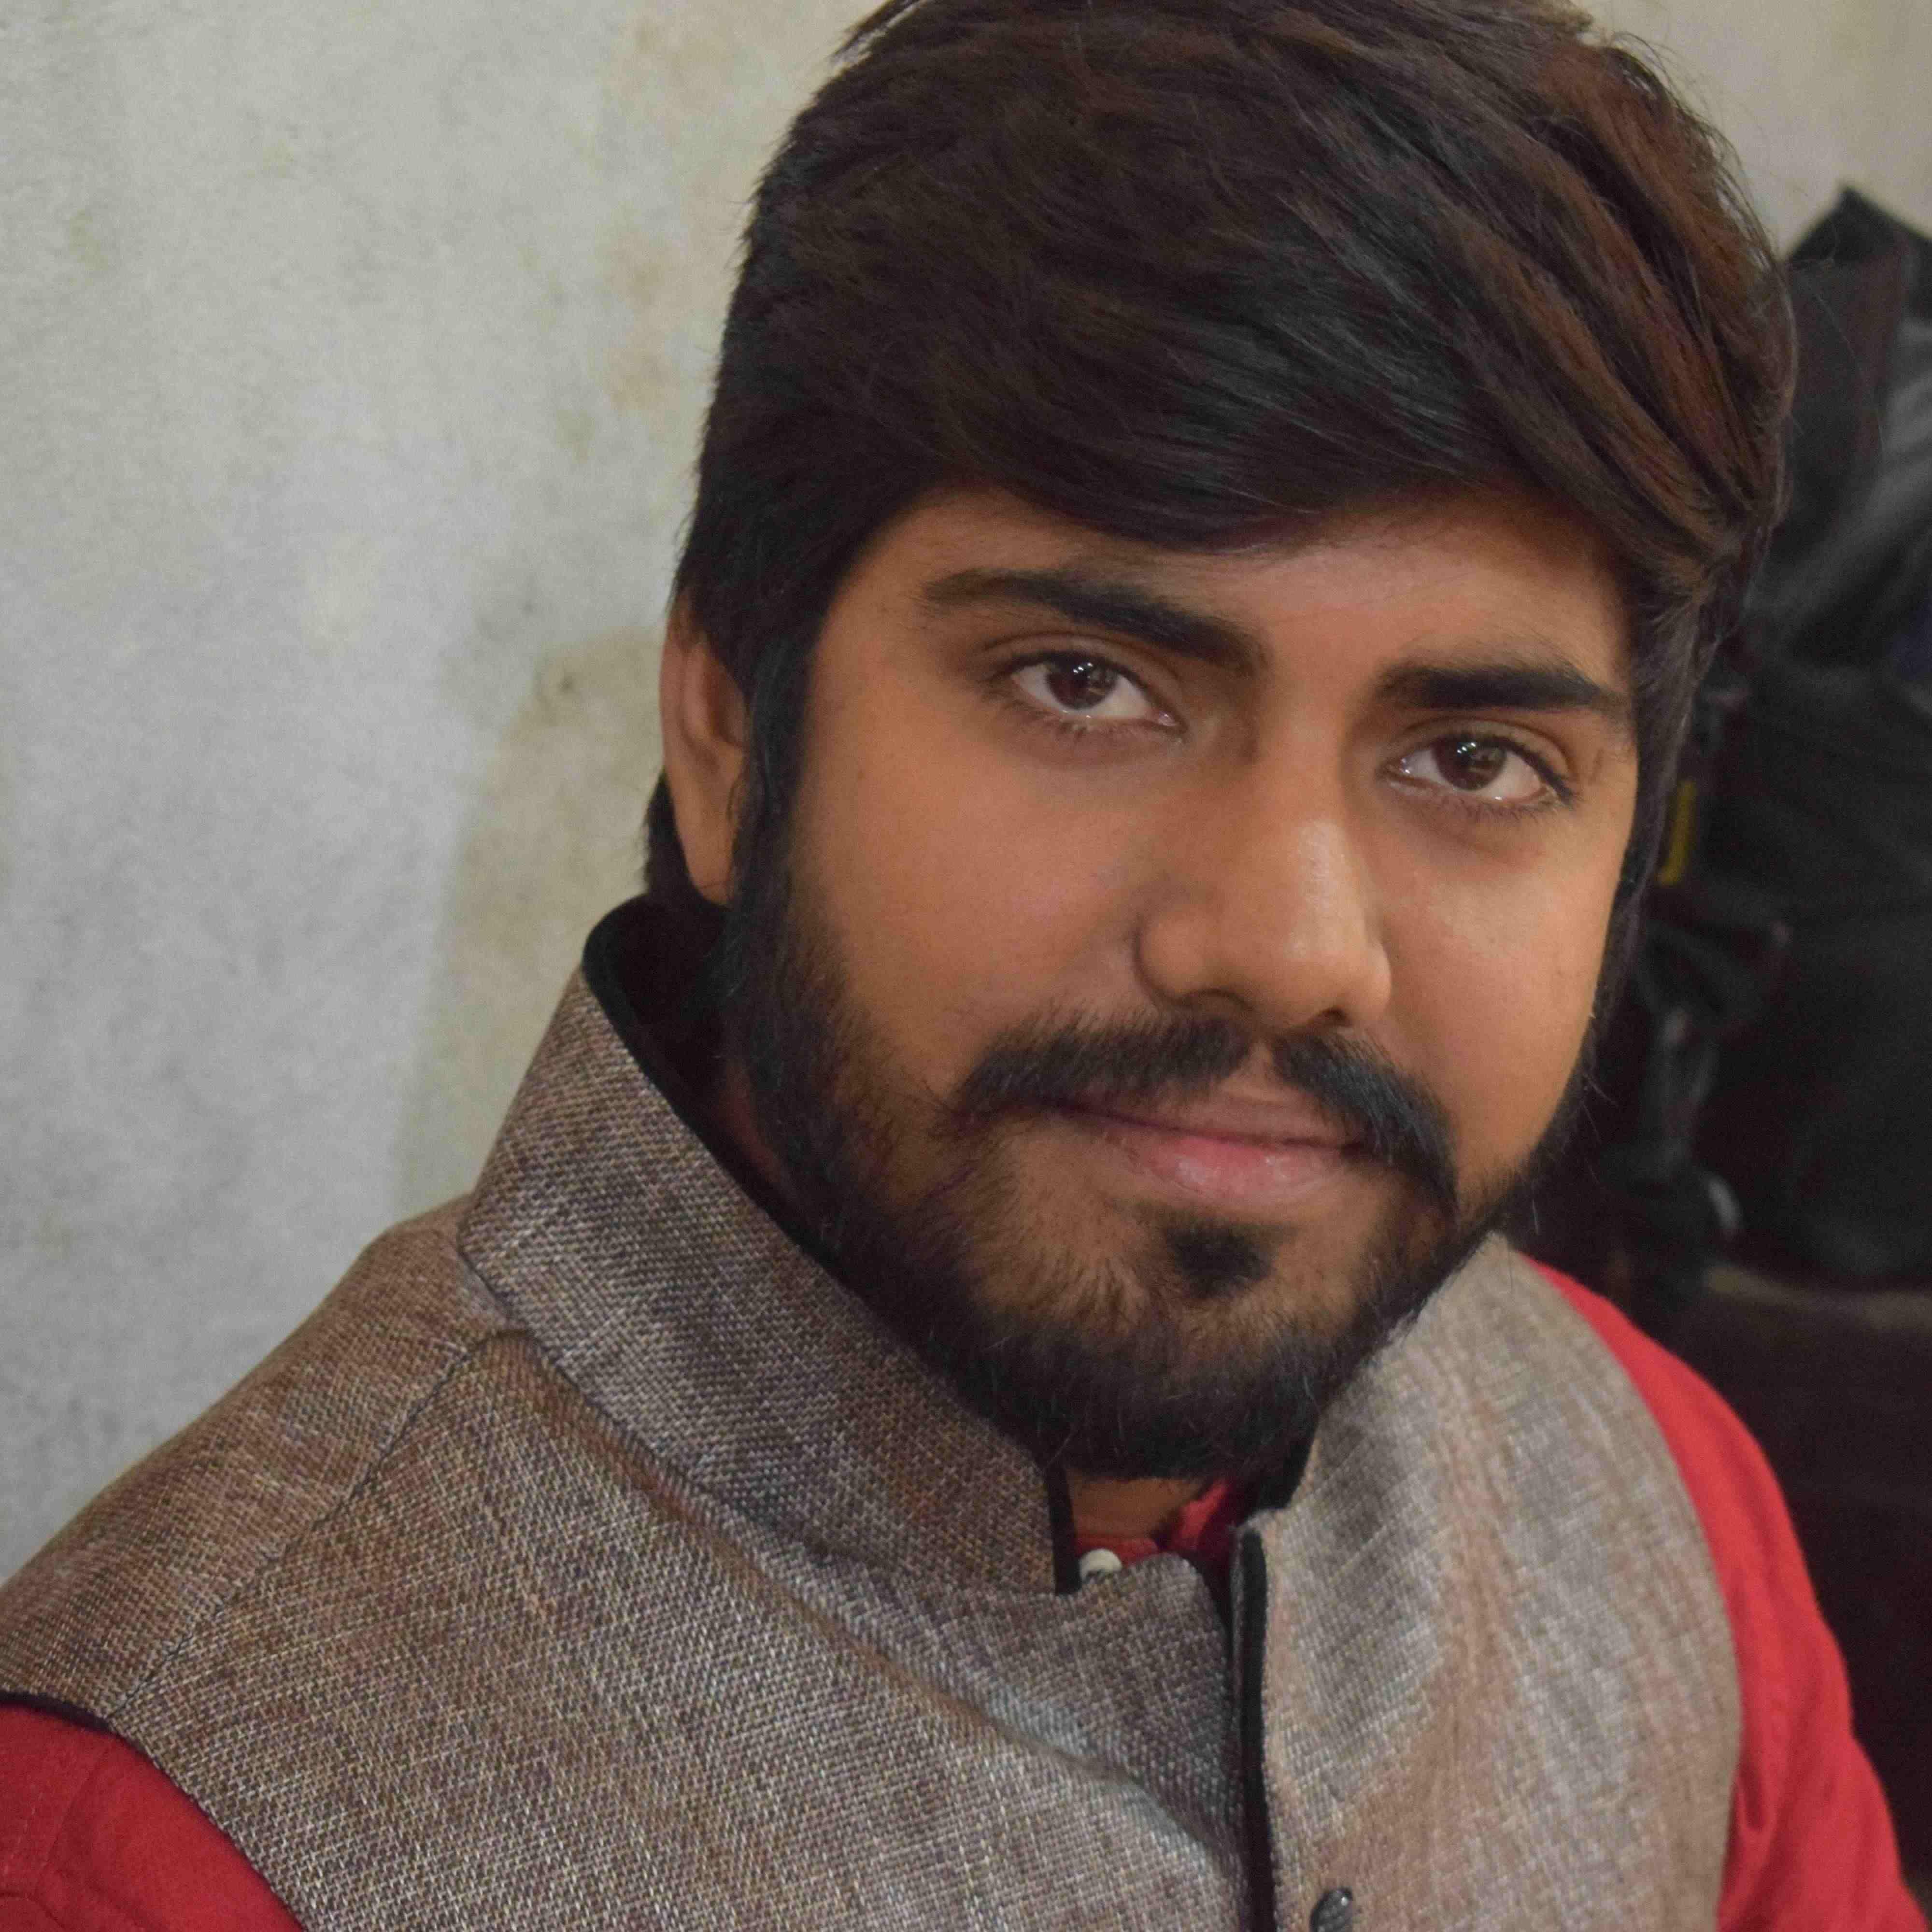 Shree Nivas Singh वक़्त की हर पहलू को मैं सोच रहा , मैं खुद क्या हूँ बस यही खोज रहा ।।